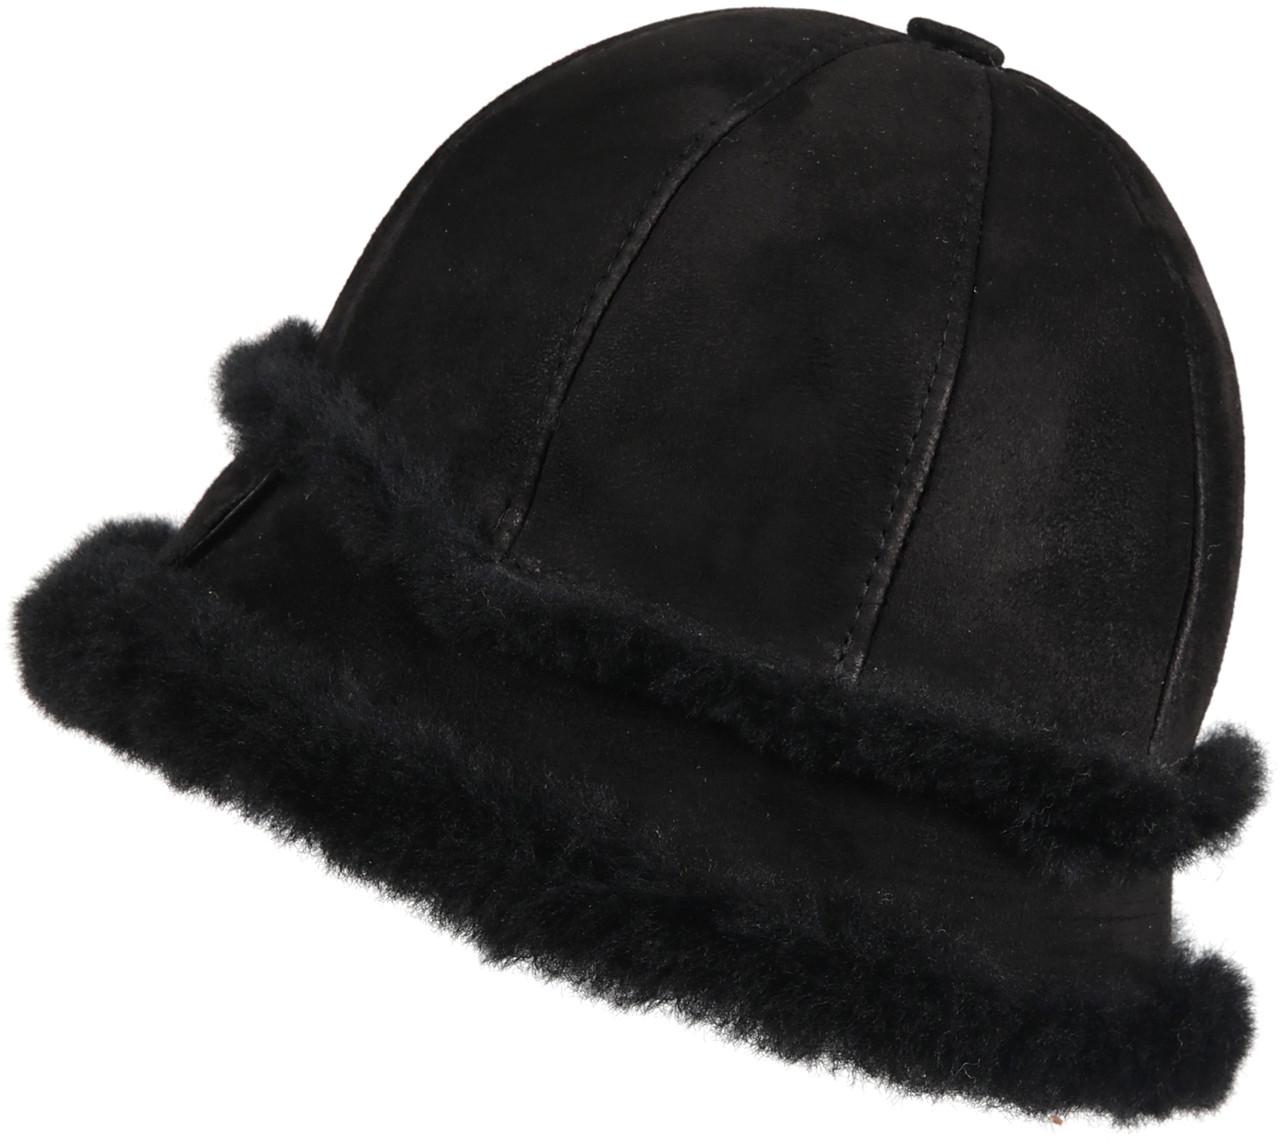 bbecc1747 Women's Shearling Sheepskin Winter Fur Bucket Beanie Hat Black Suede